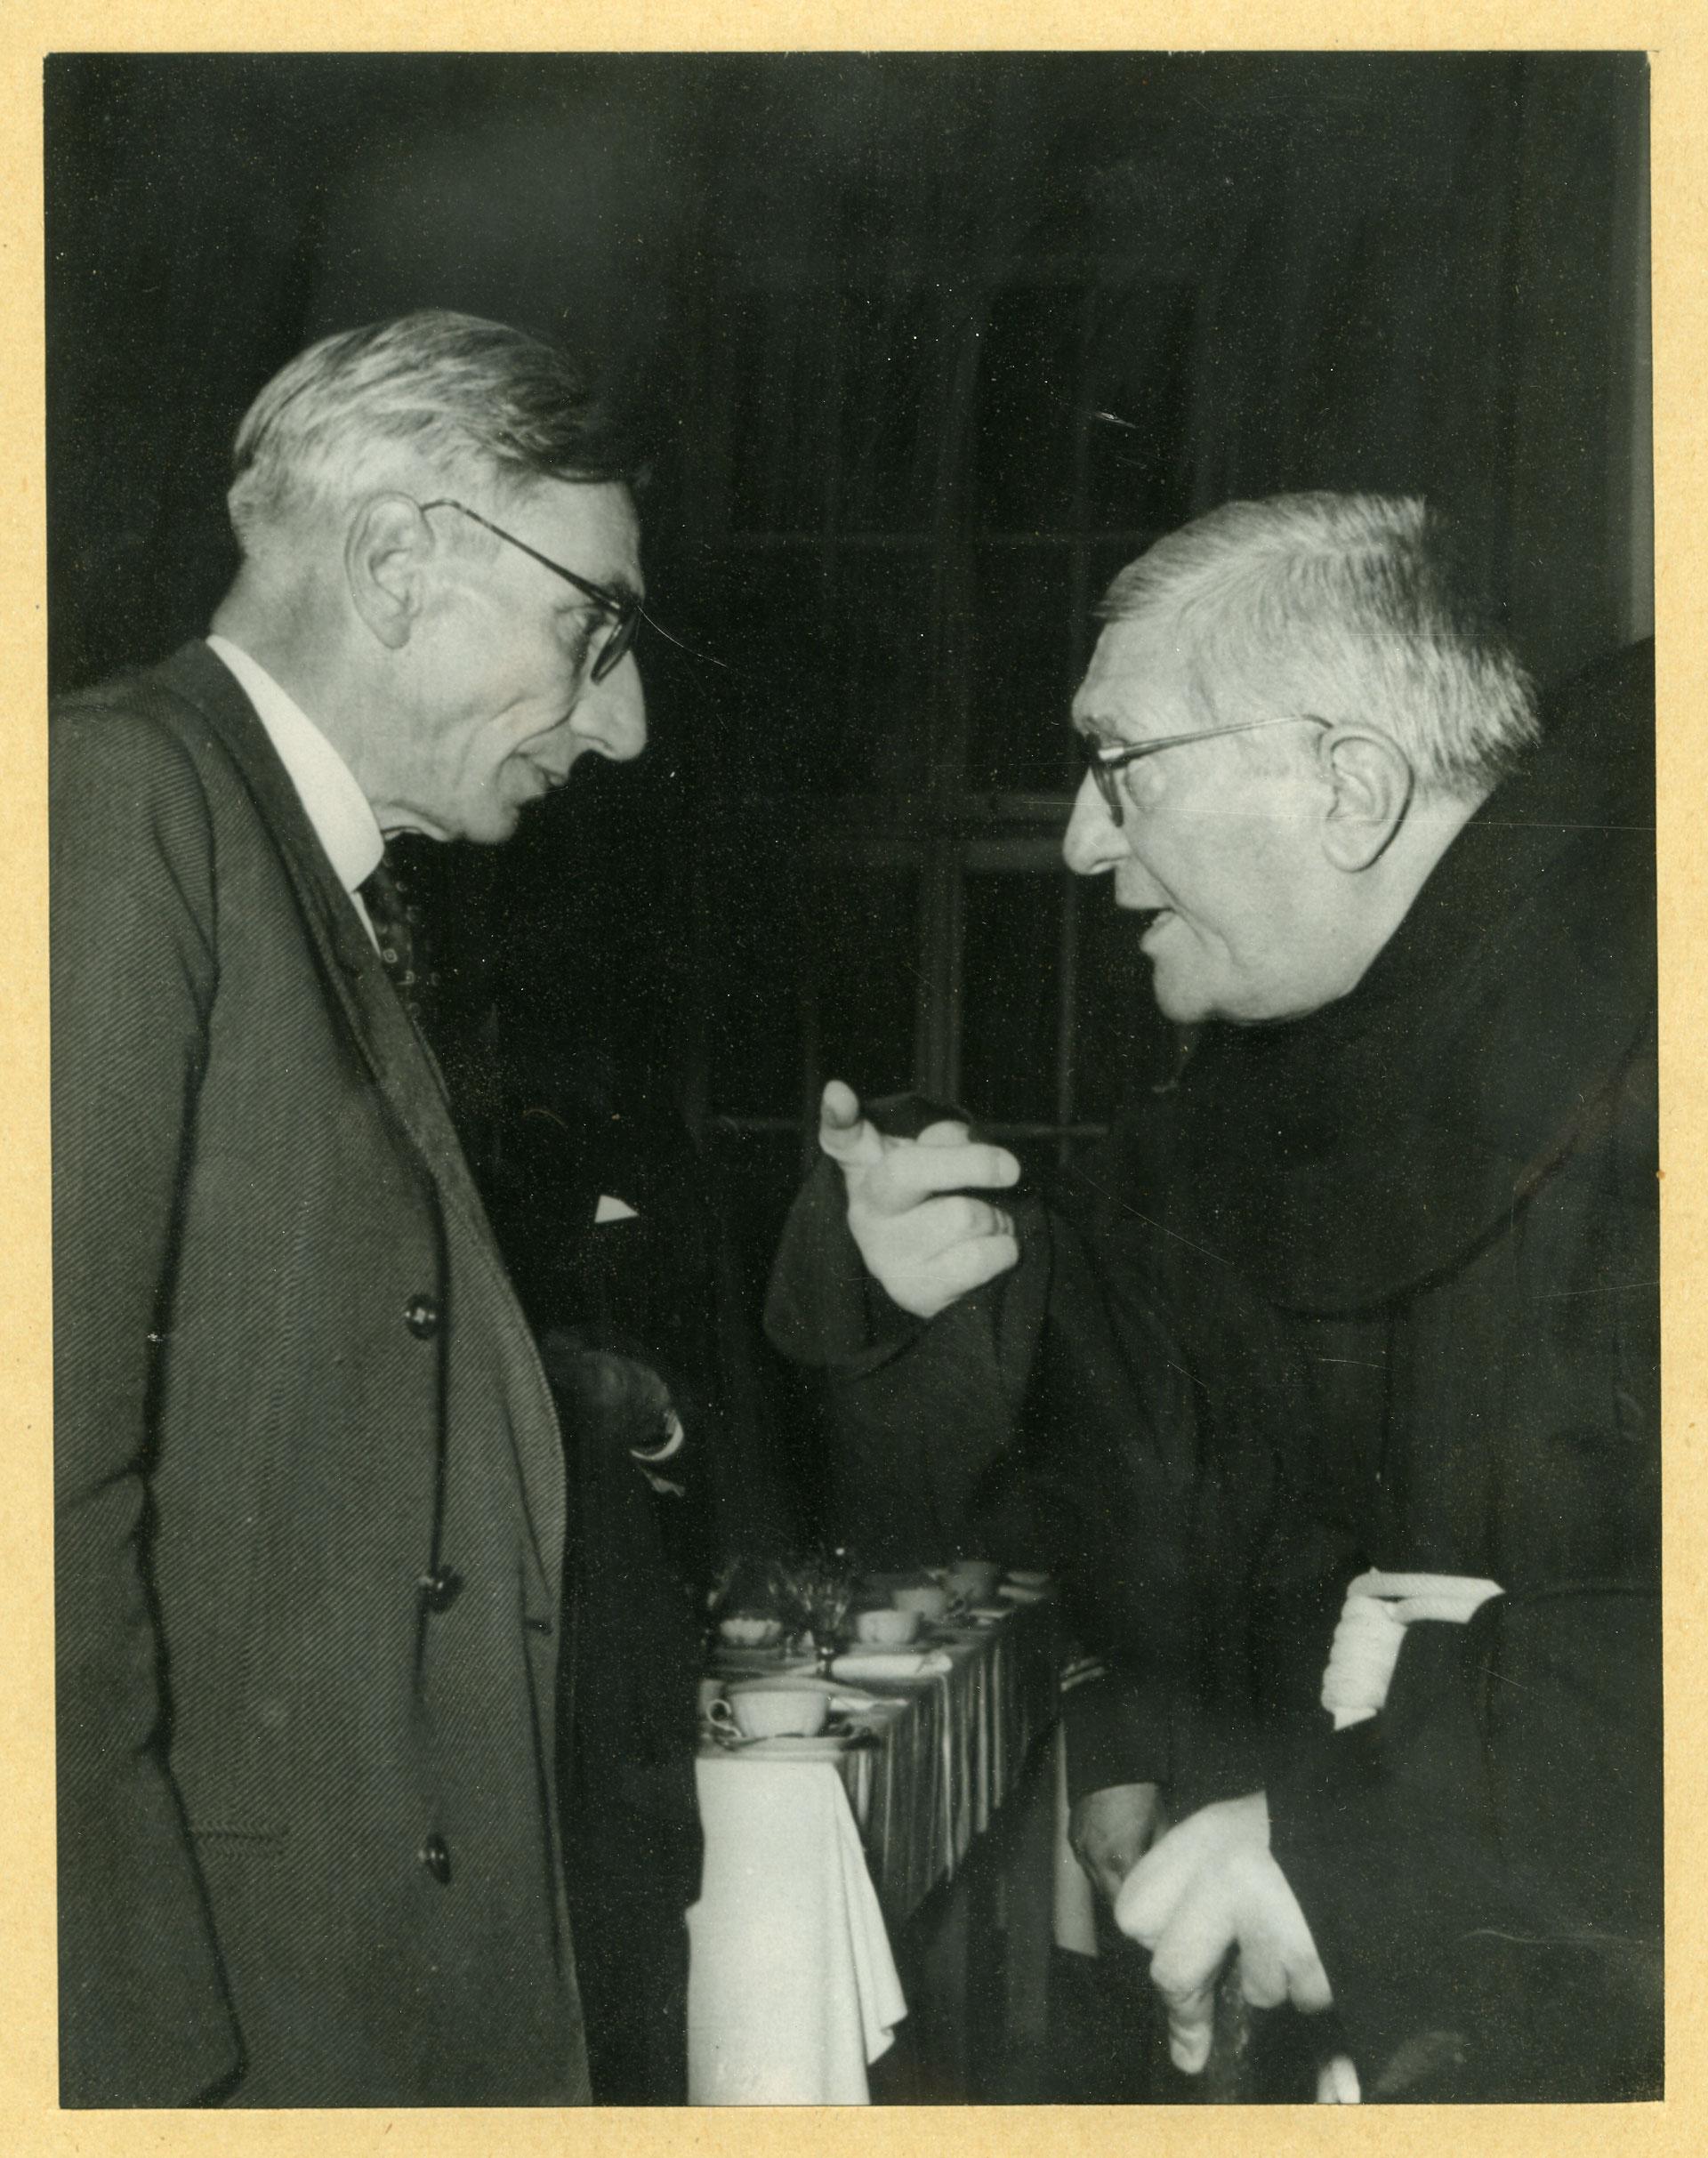 Agostino Gemelli e Cesare Musatti in una foto dei primi anni Cinquanta